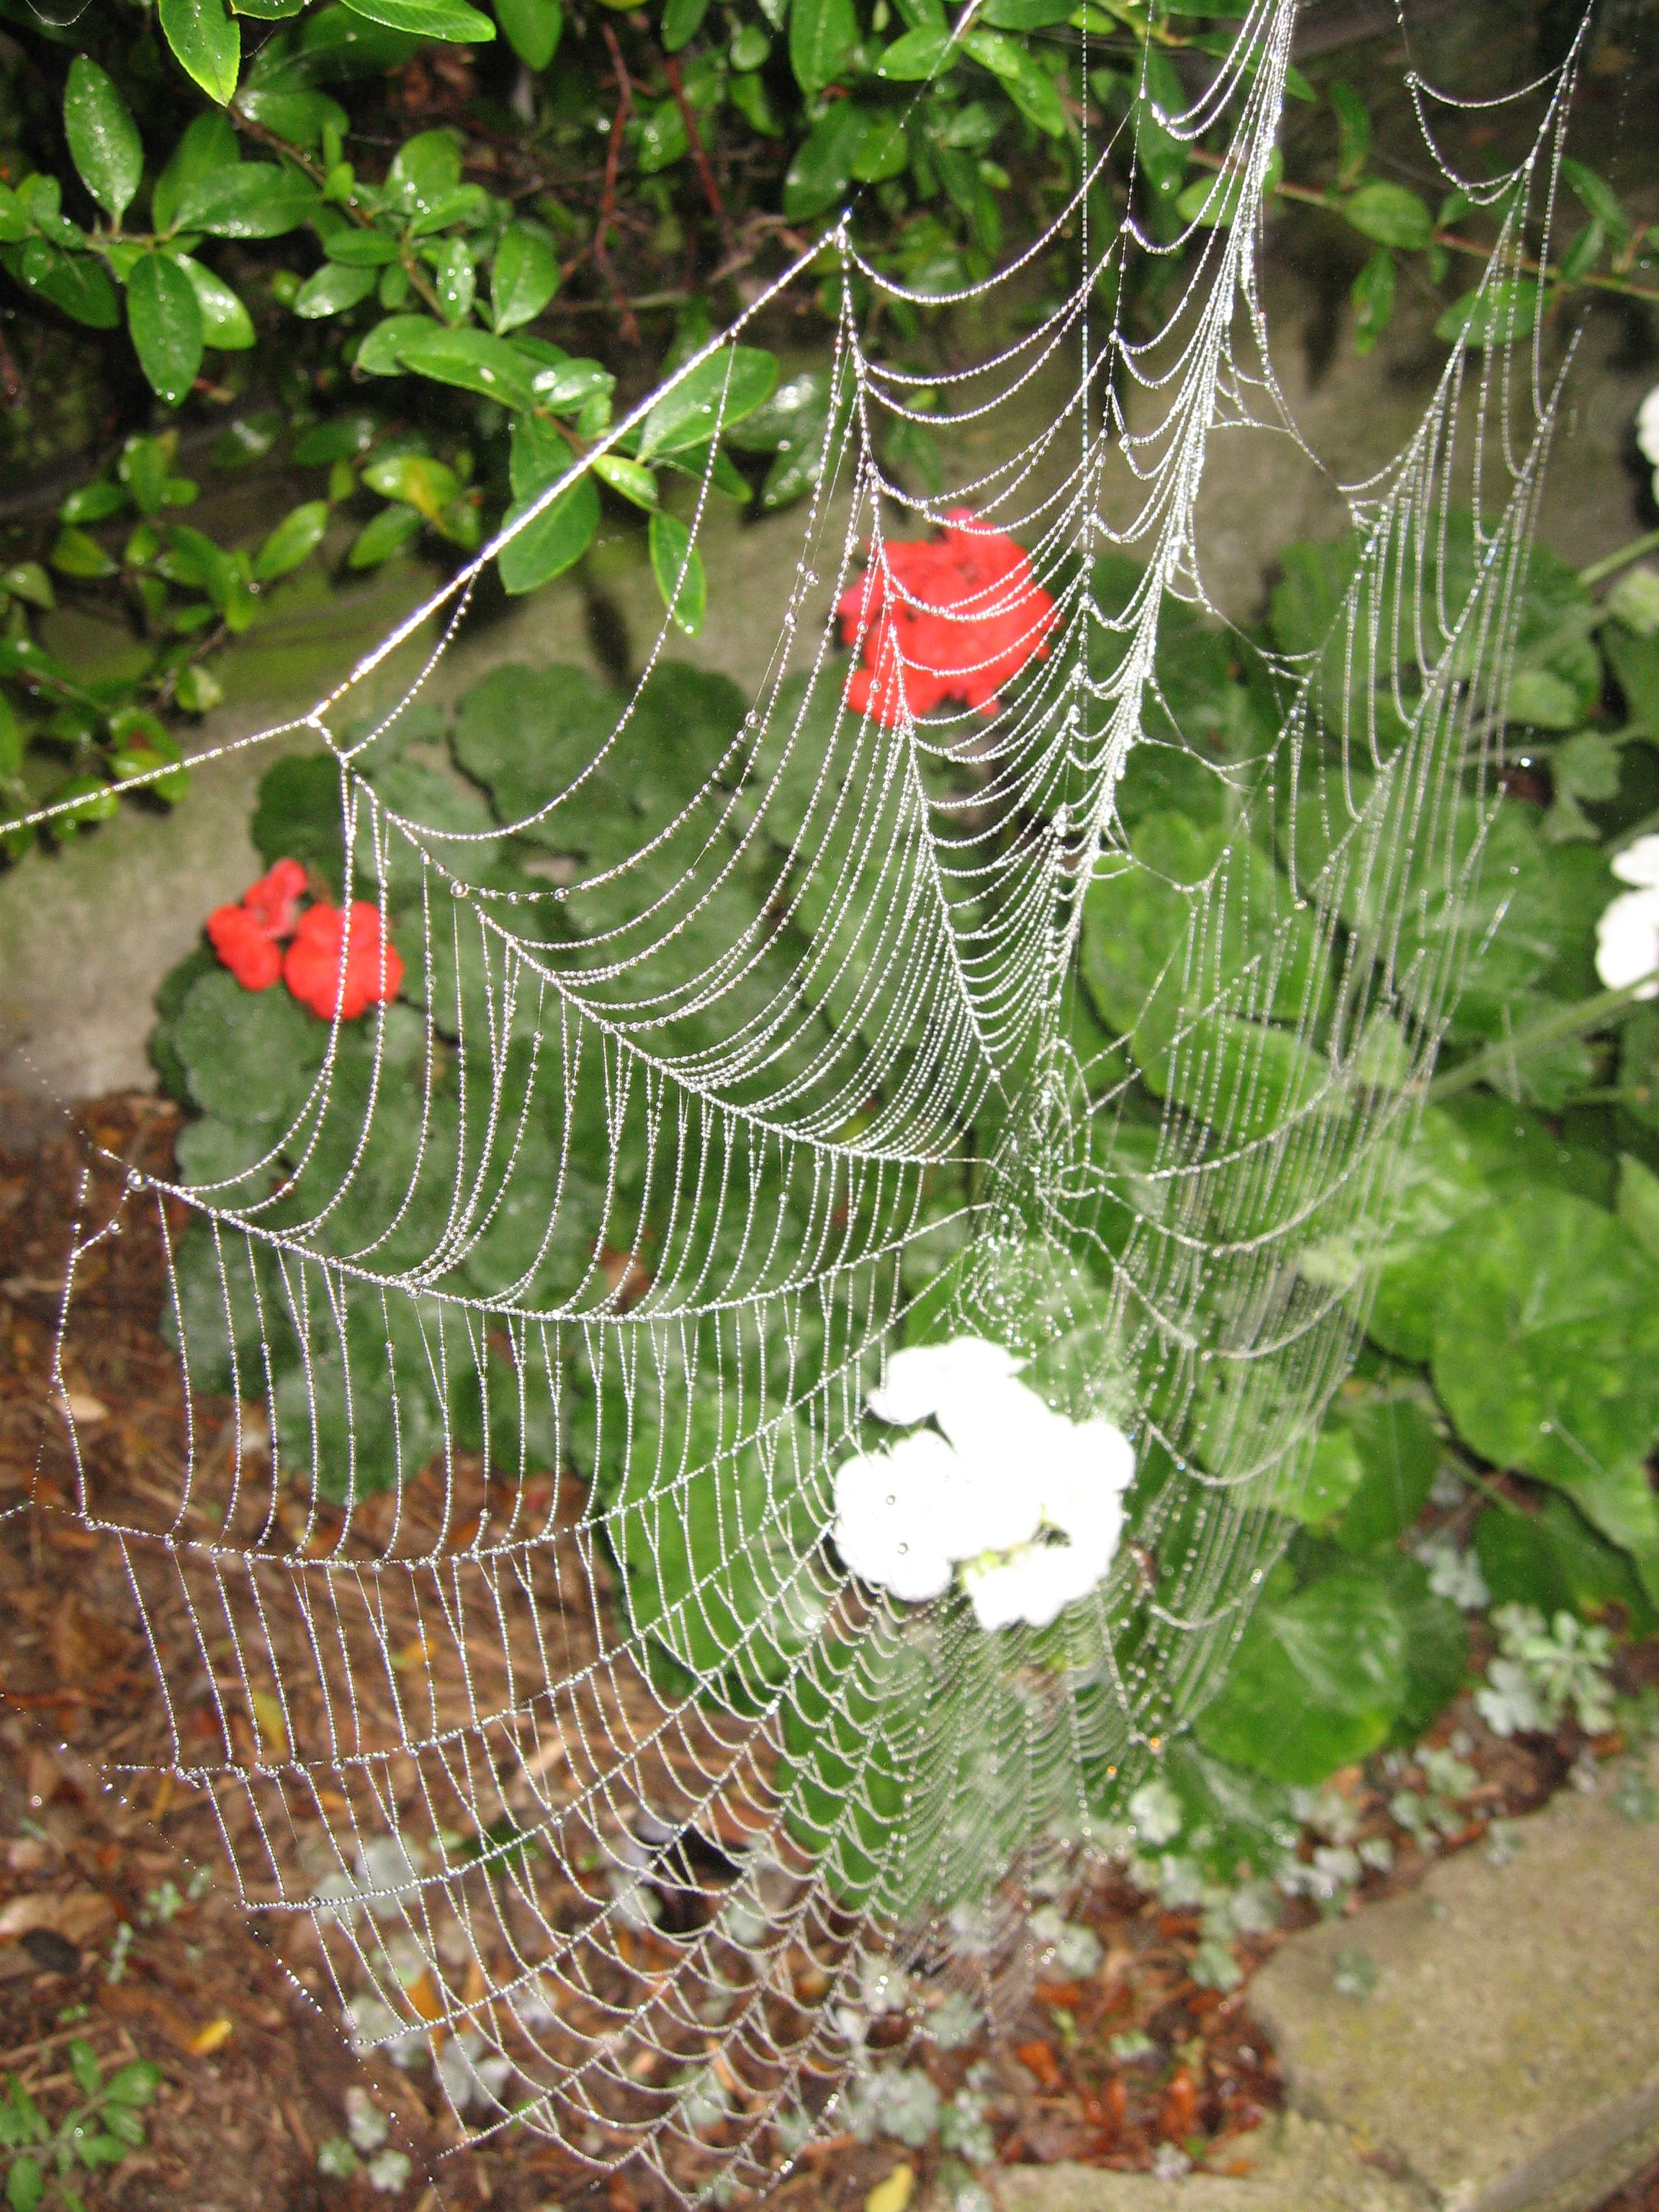 (科学和自然) spider web with water droplets in front of red